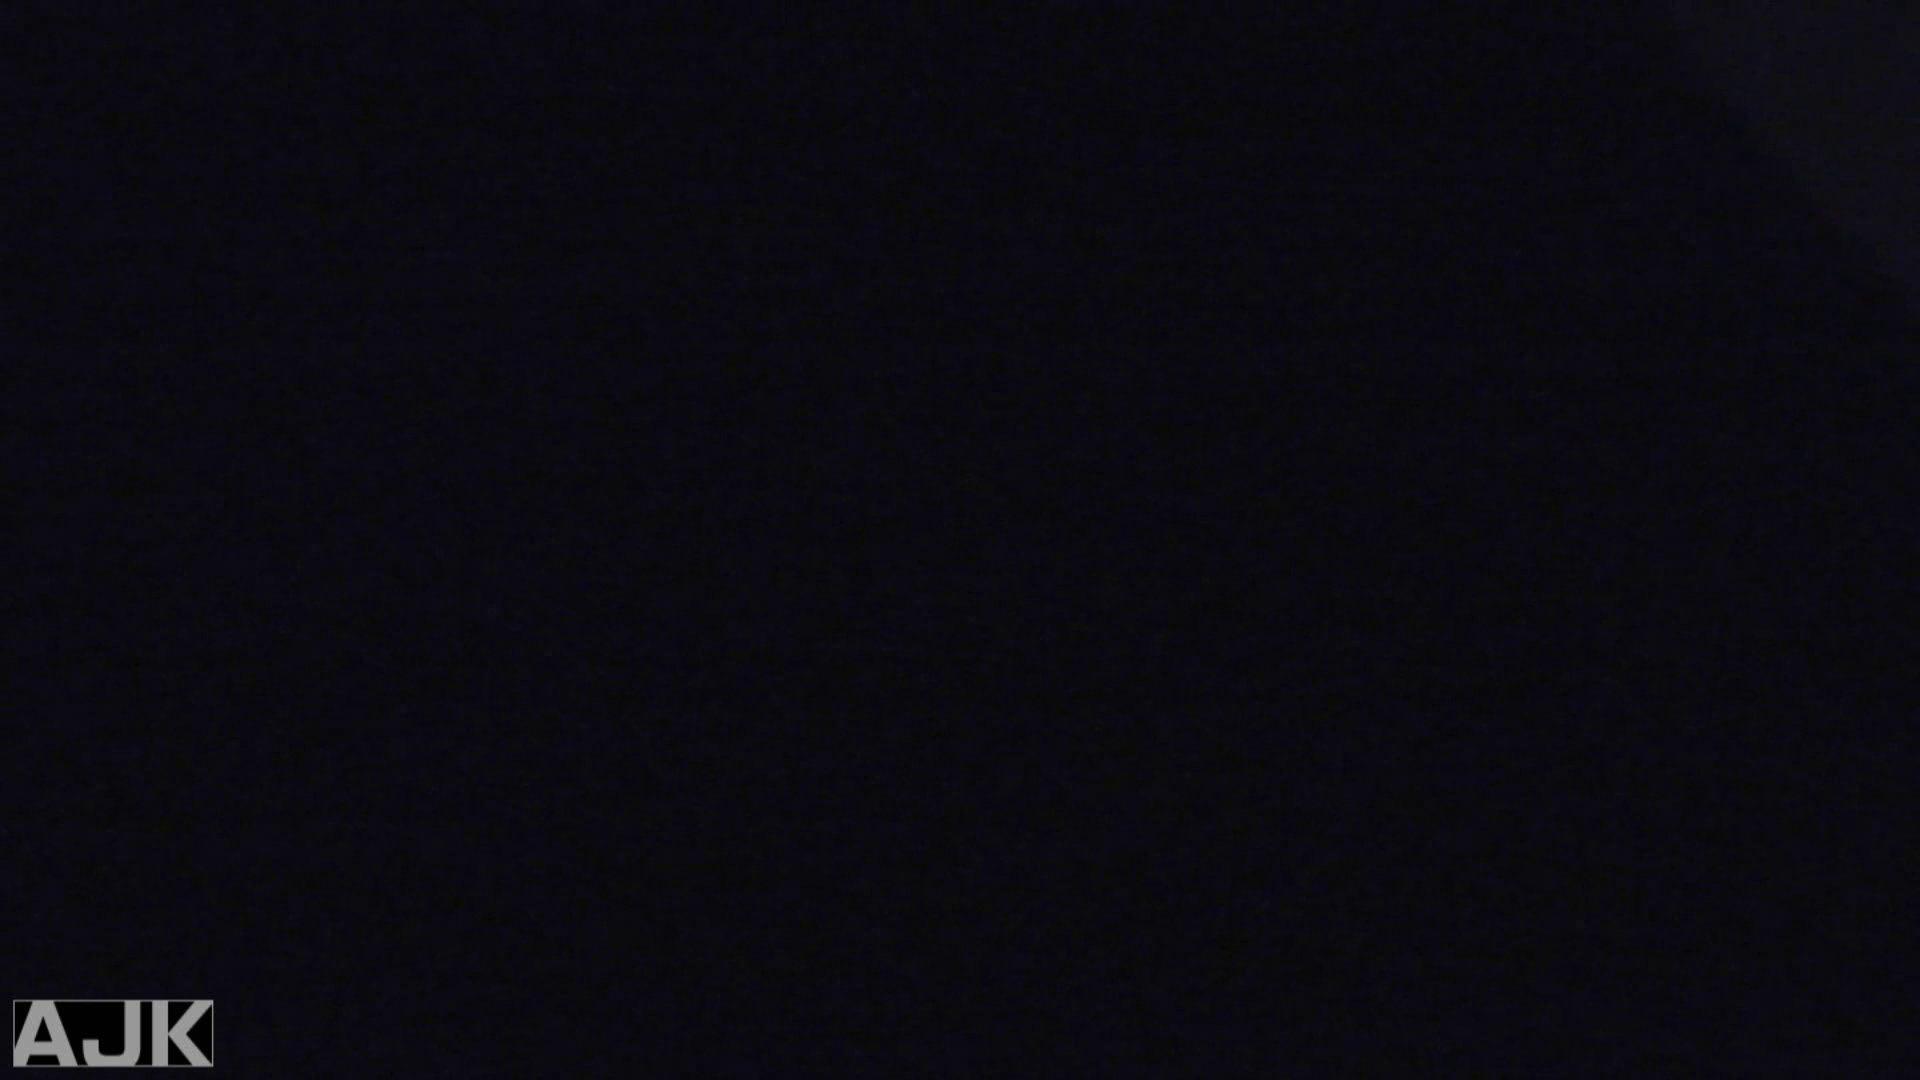 神降臨!史上最強の潜入かわや! vol.22 OL女体 盗み撮り動画キャプチャ 98連発 58